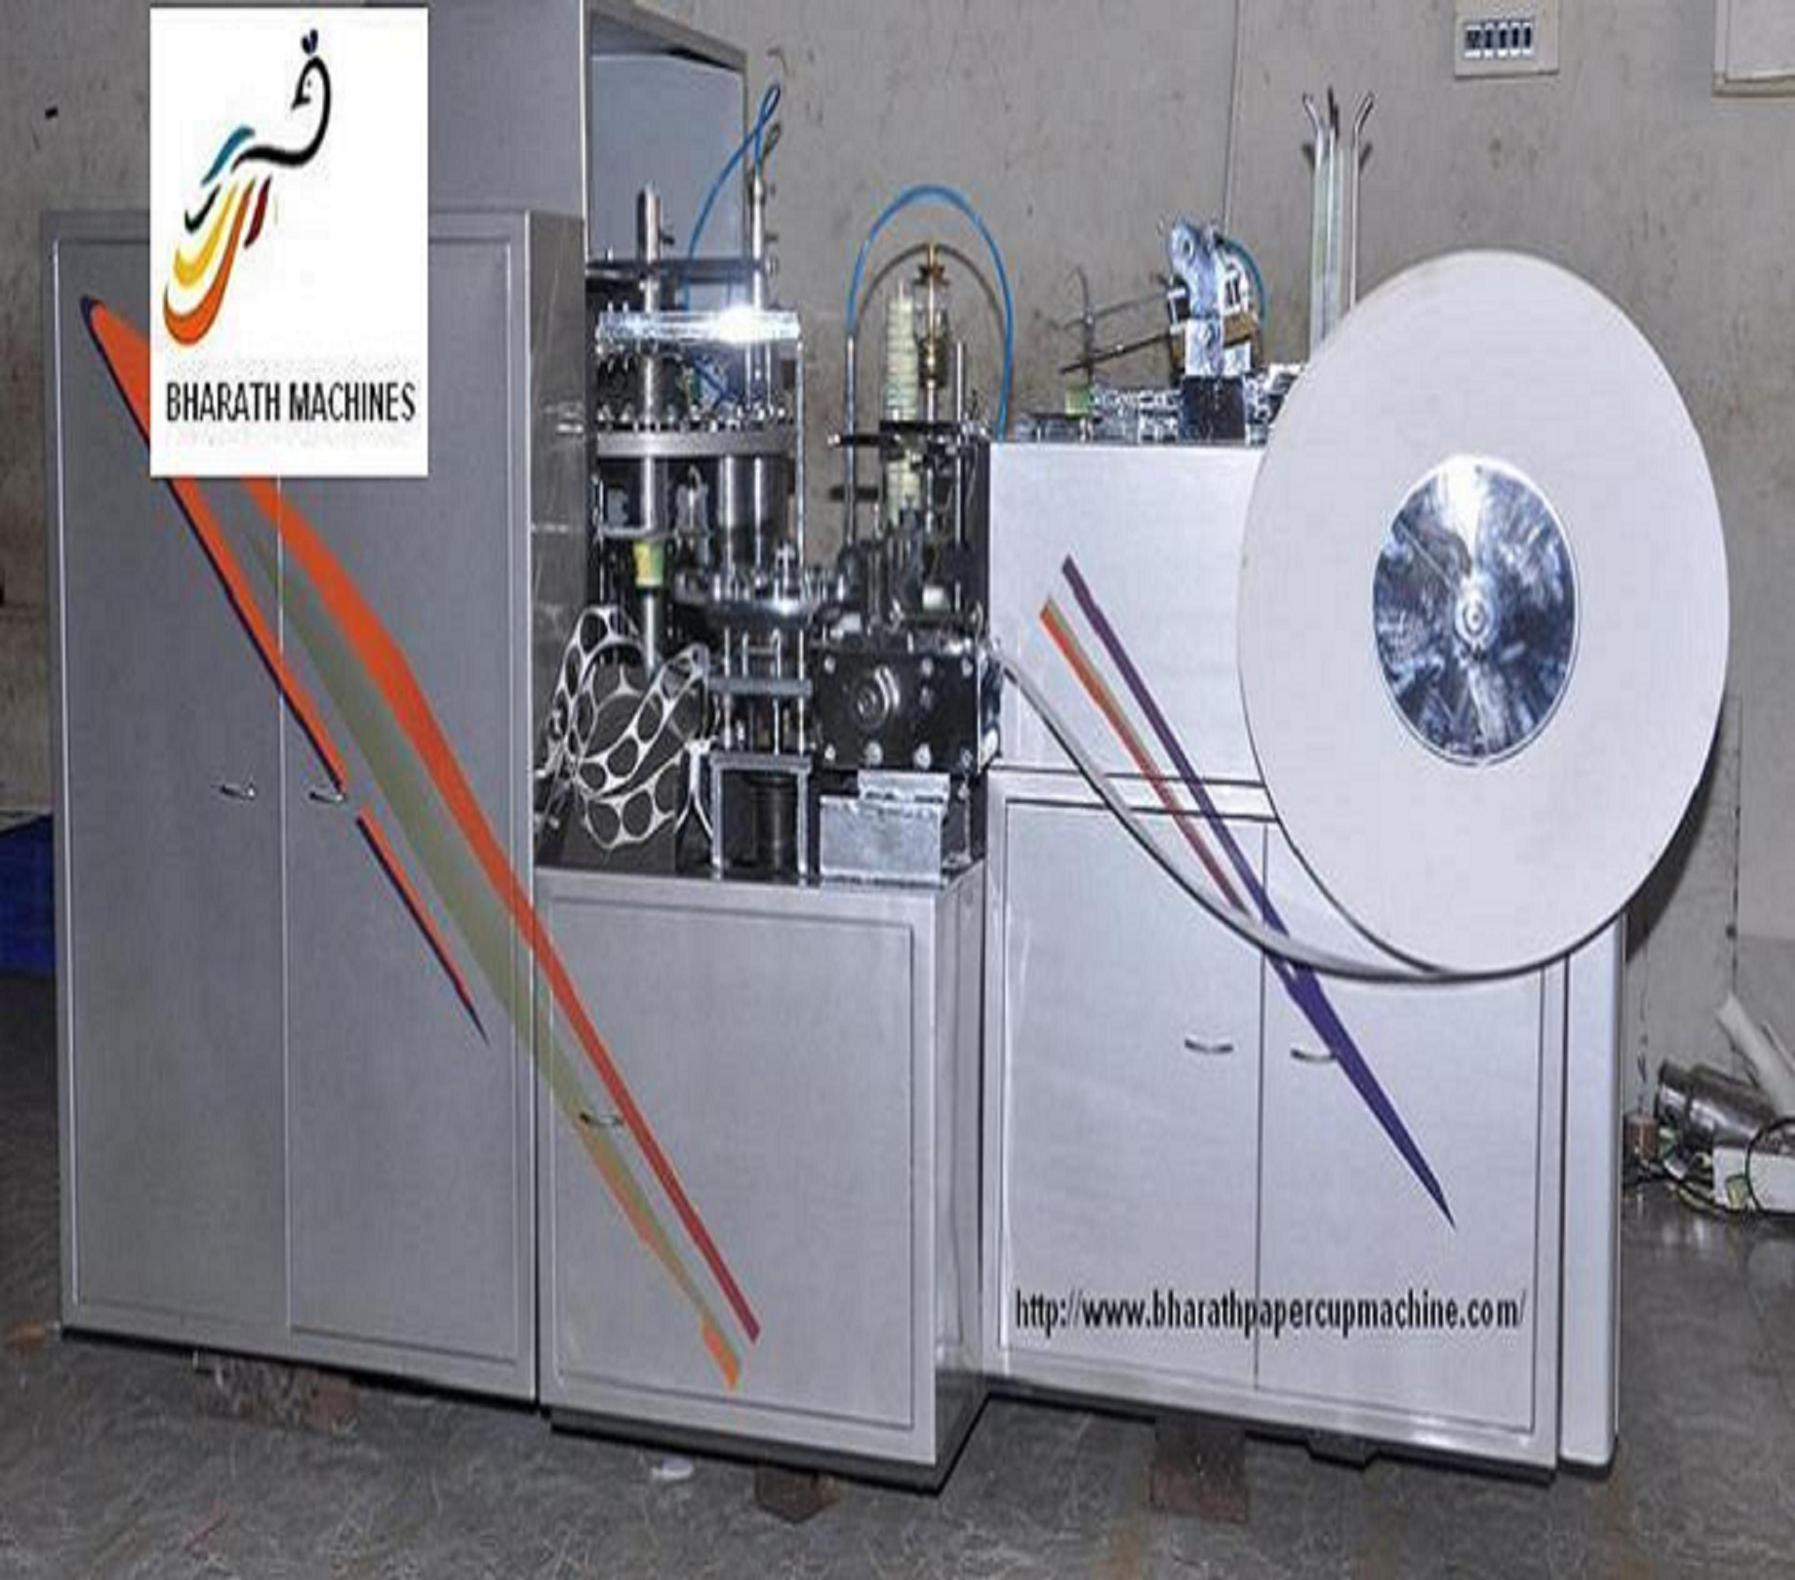 bharathpapercupmachine